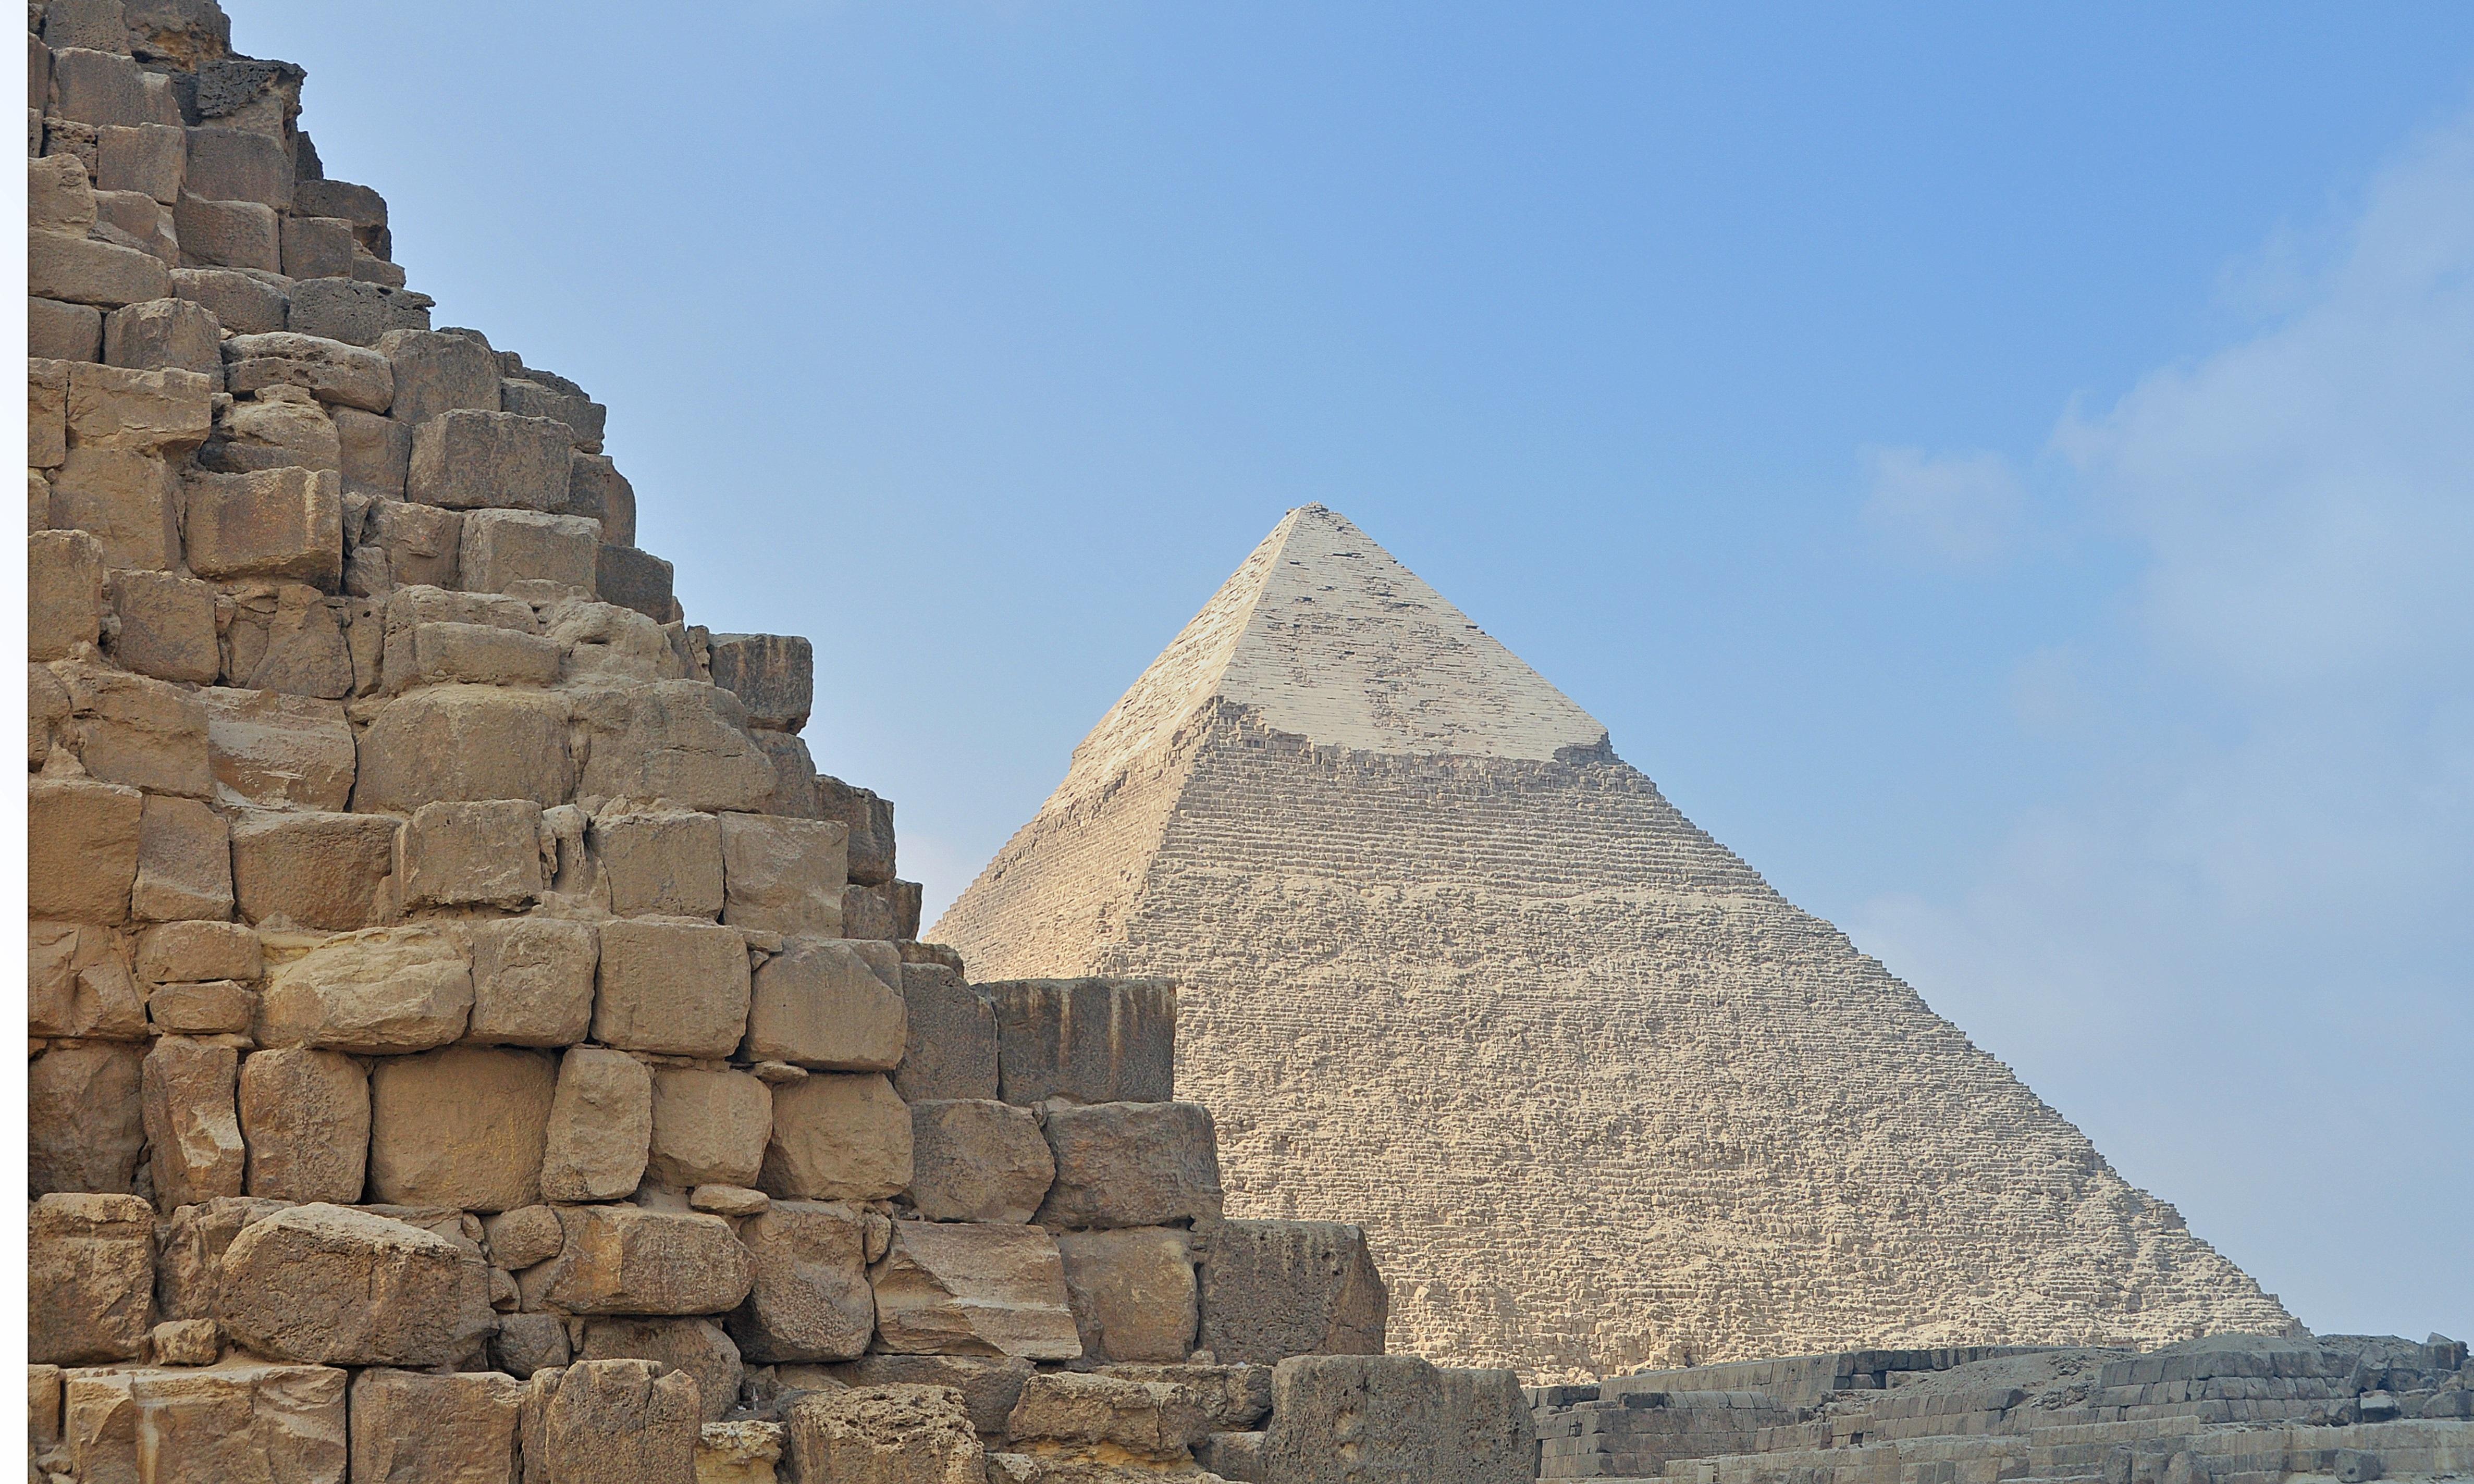 Halbtagesausflug zu den Pyramiden von Gizeh